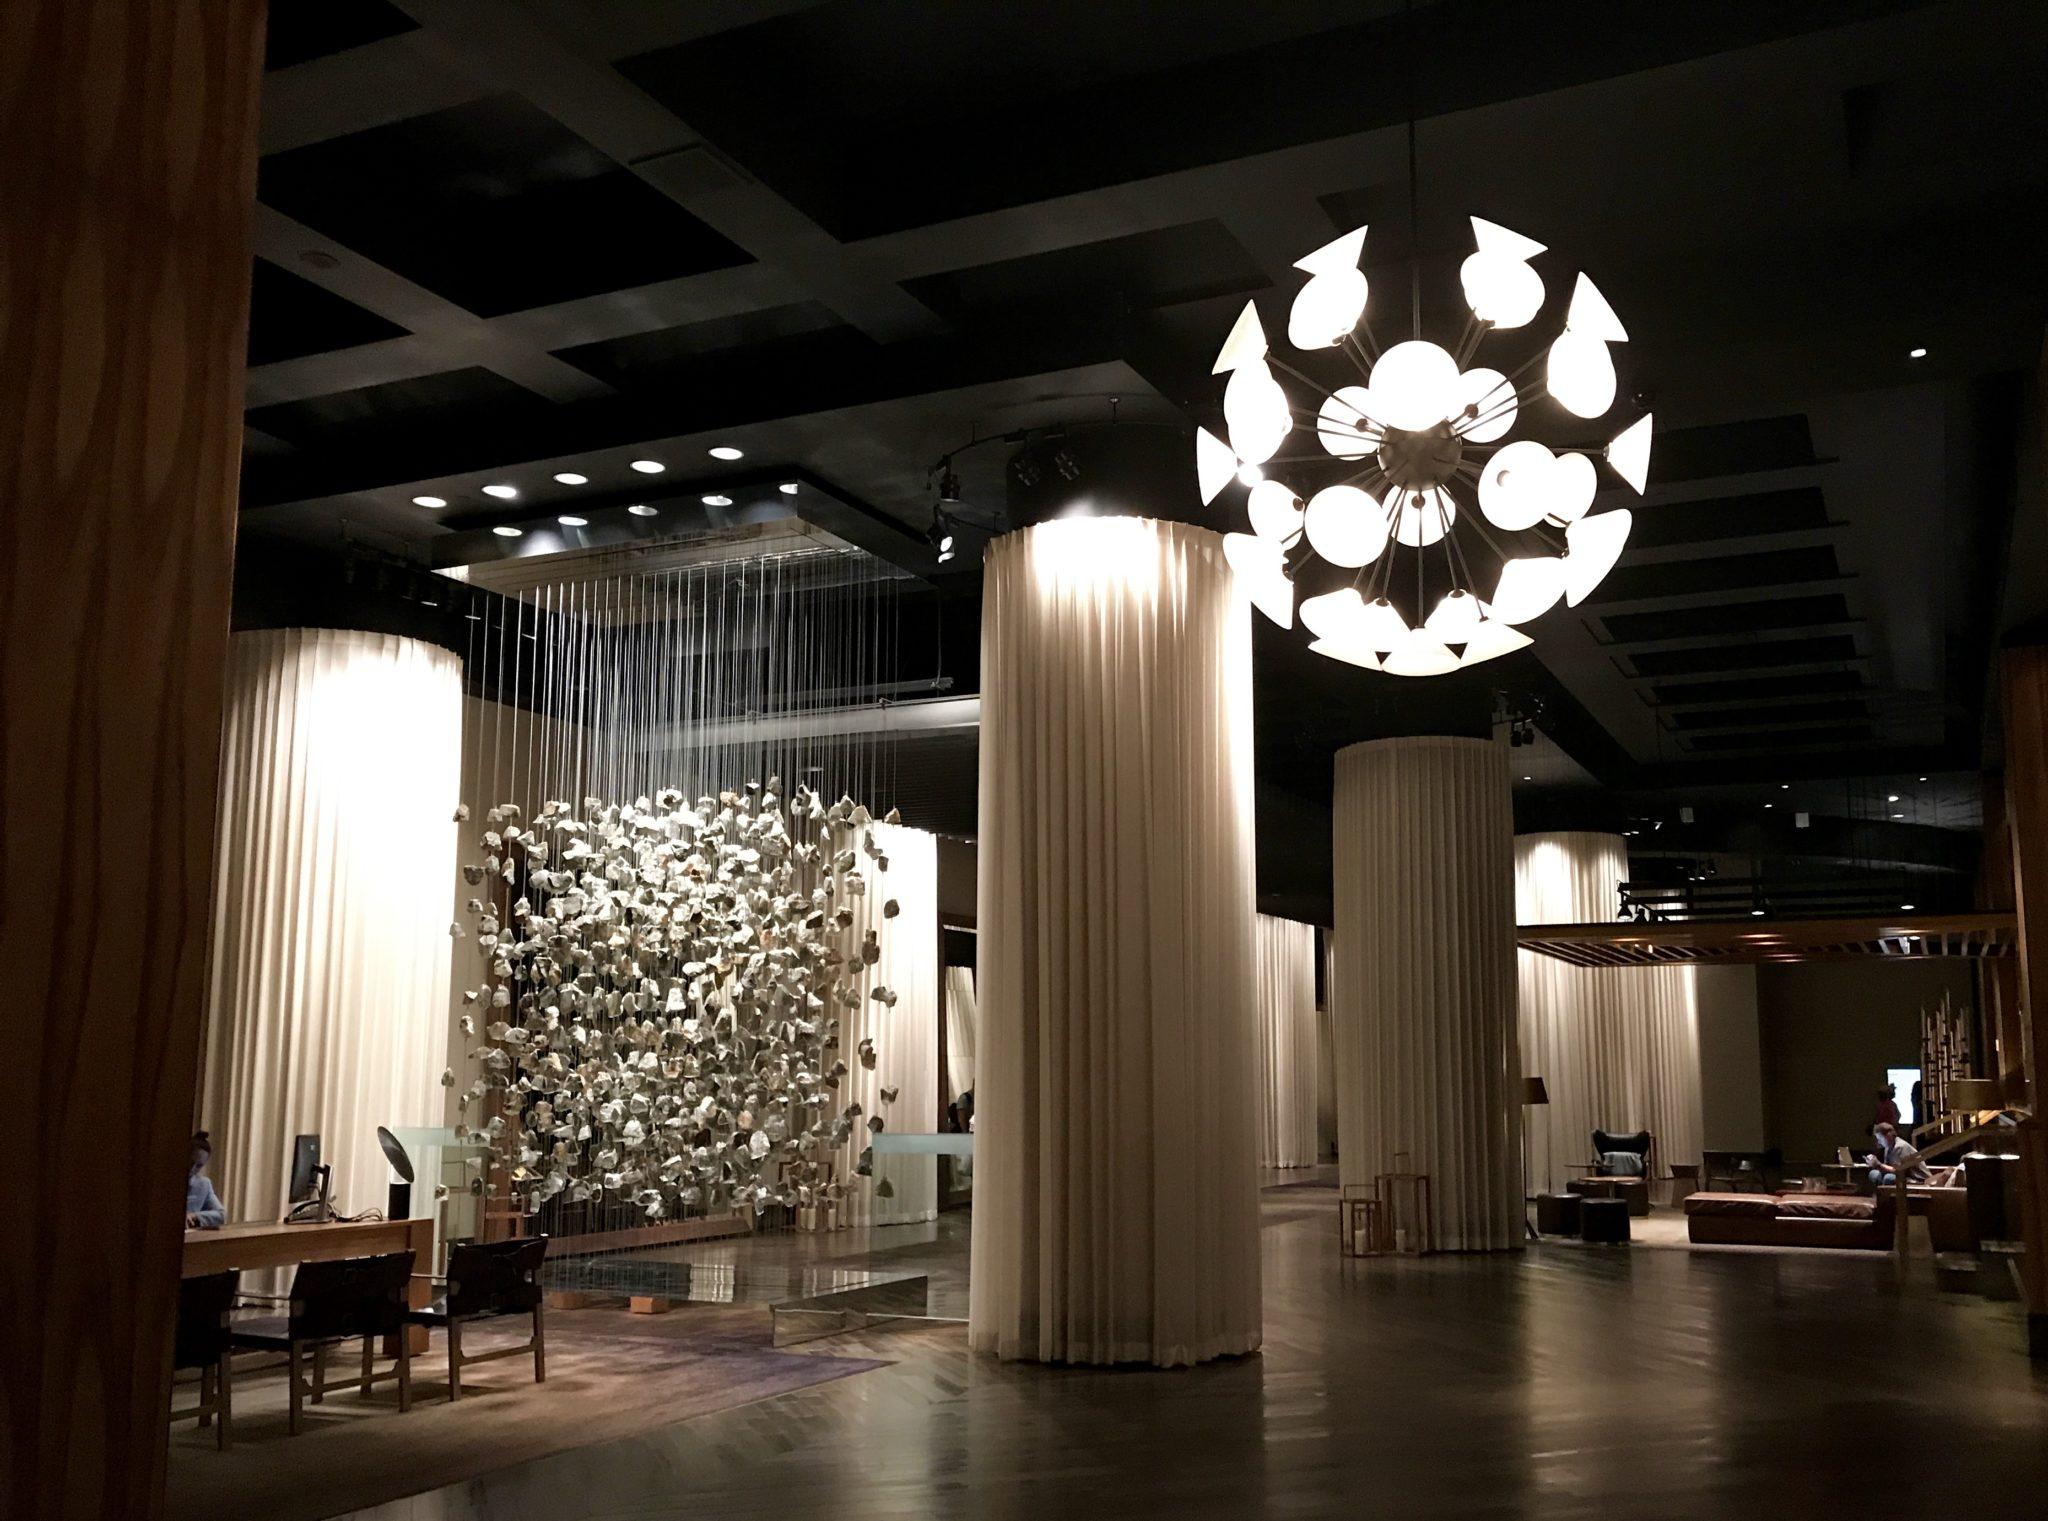 Hotel review delano hotel las vegas 2 dads with baggage - Delano las vegas two bedroom suite ...